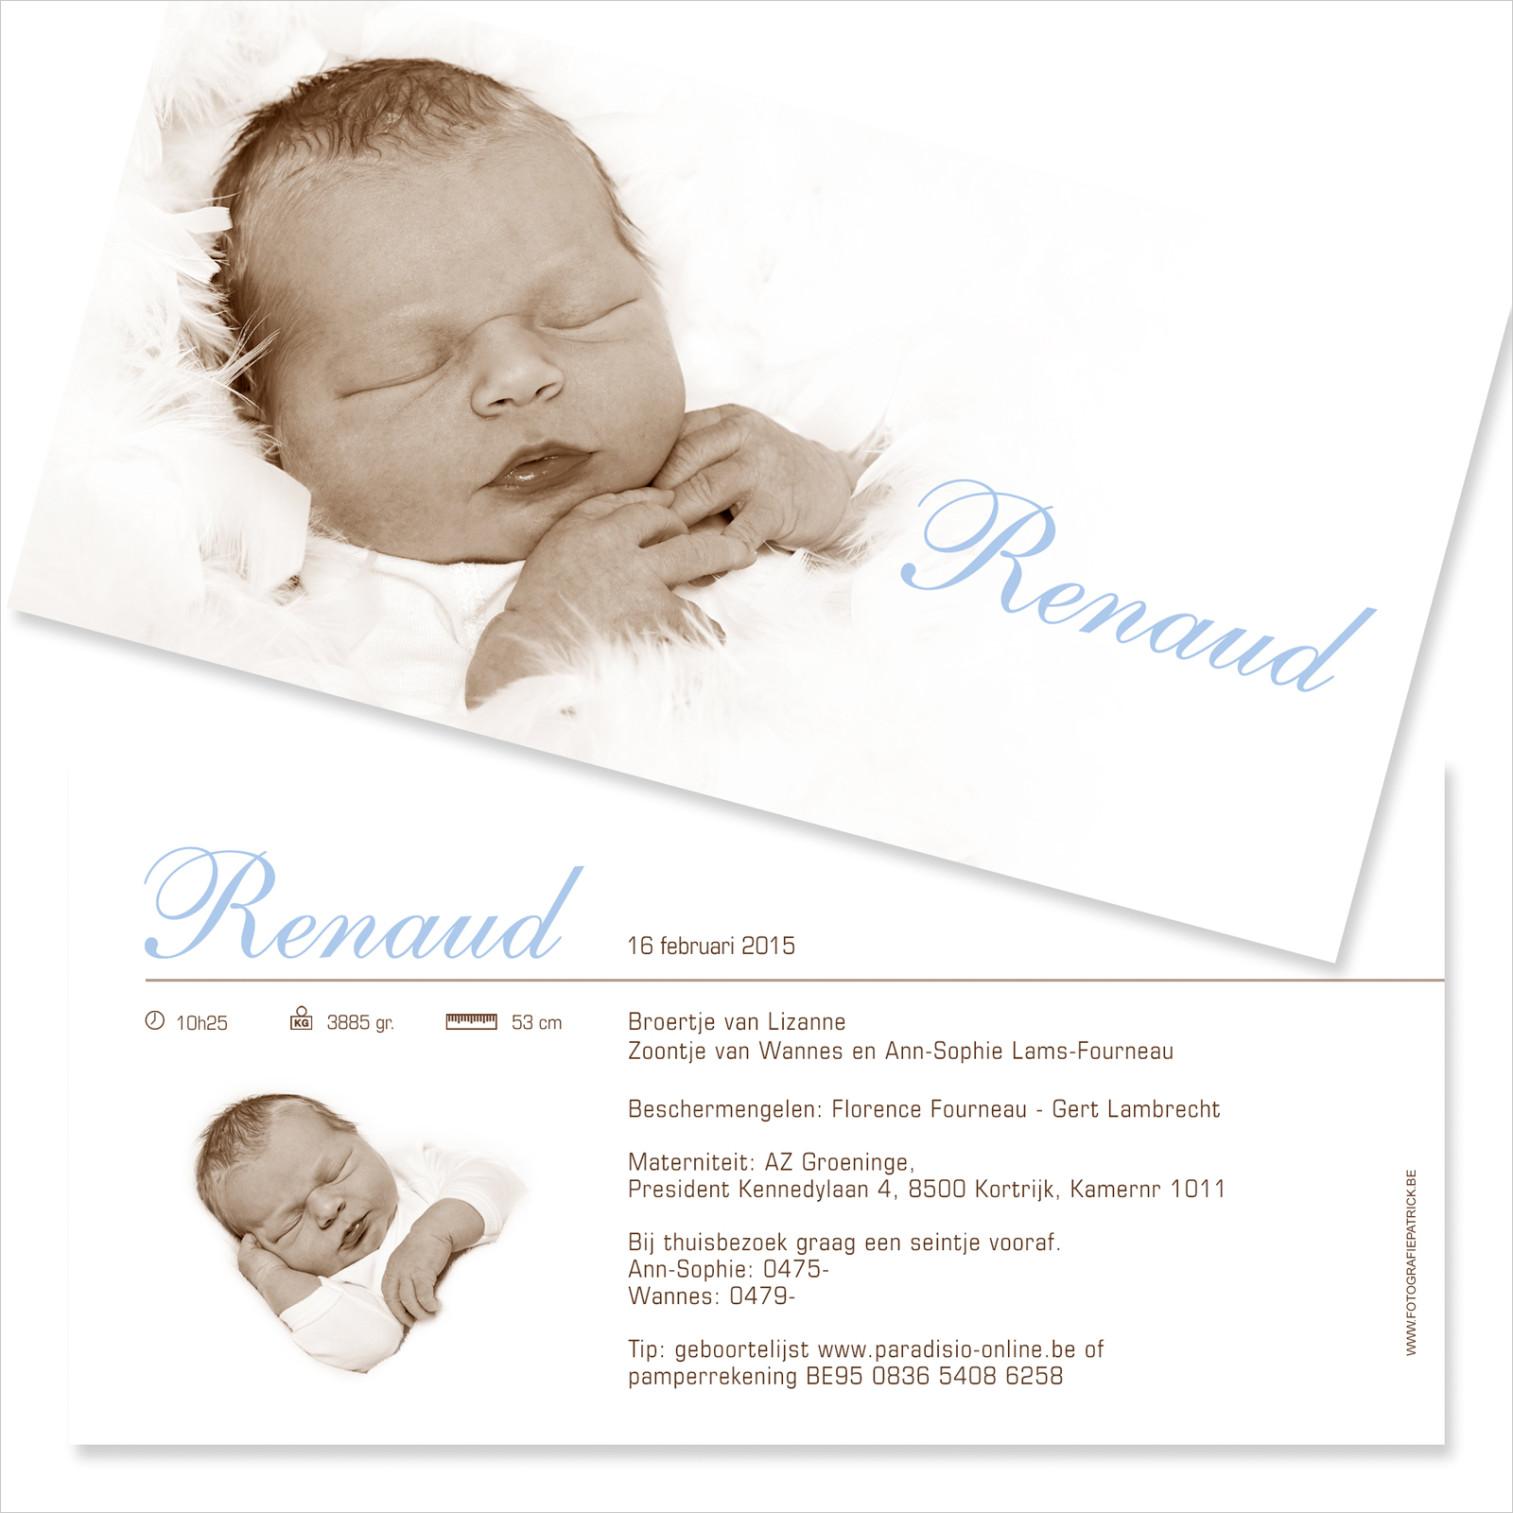 Geboortekaartje met foto van Renaud